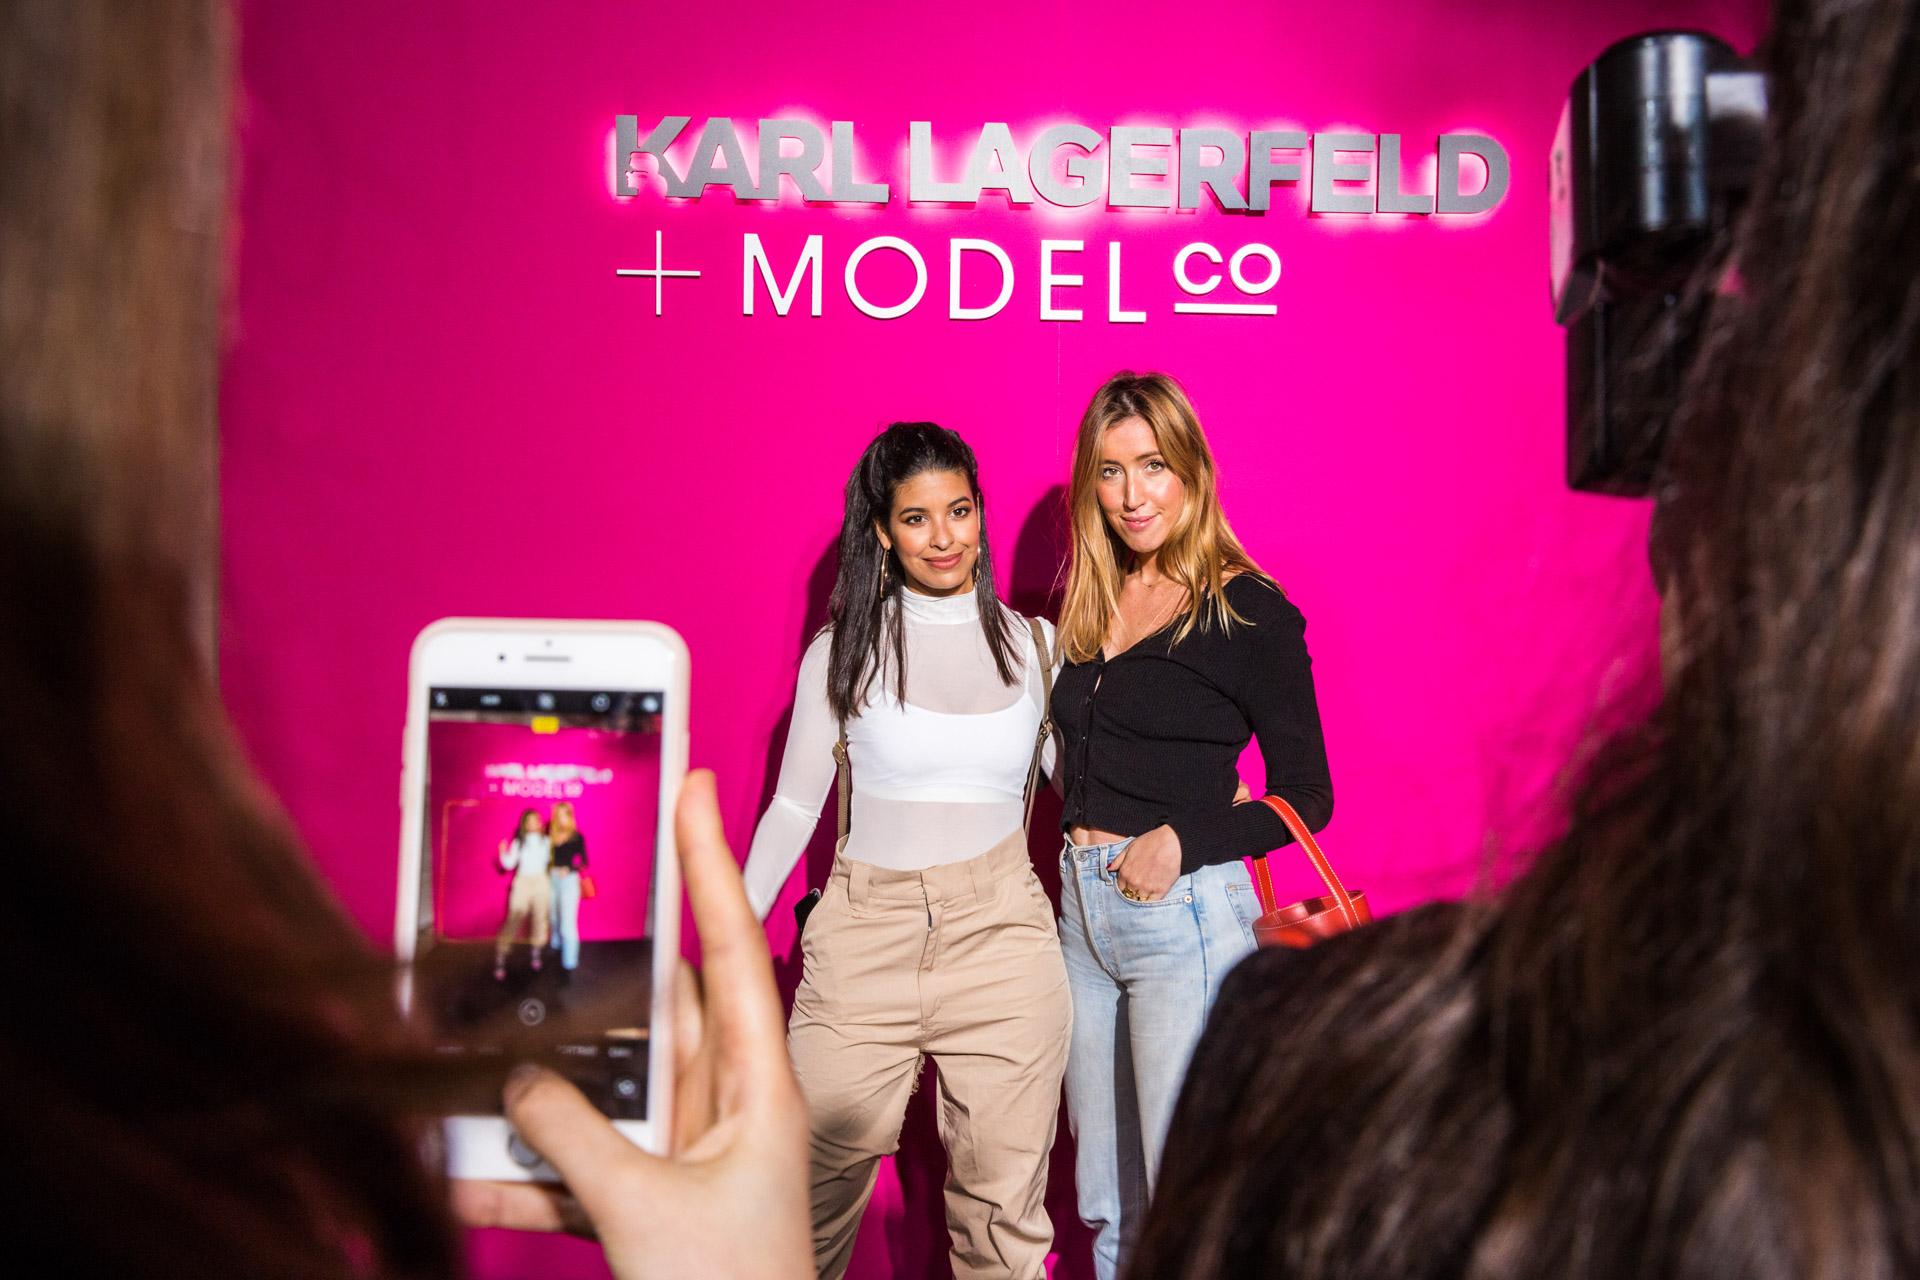 nouveau parfum collaboration karl lagerfeld x model co · hôtel d'évreux